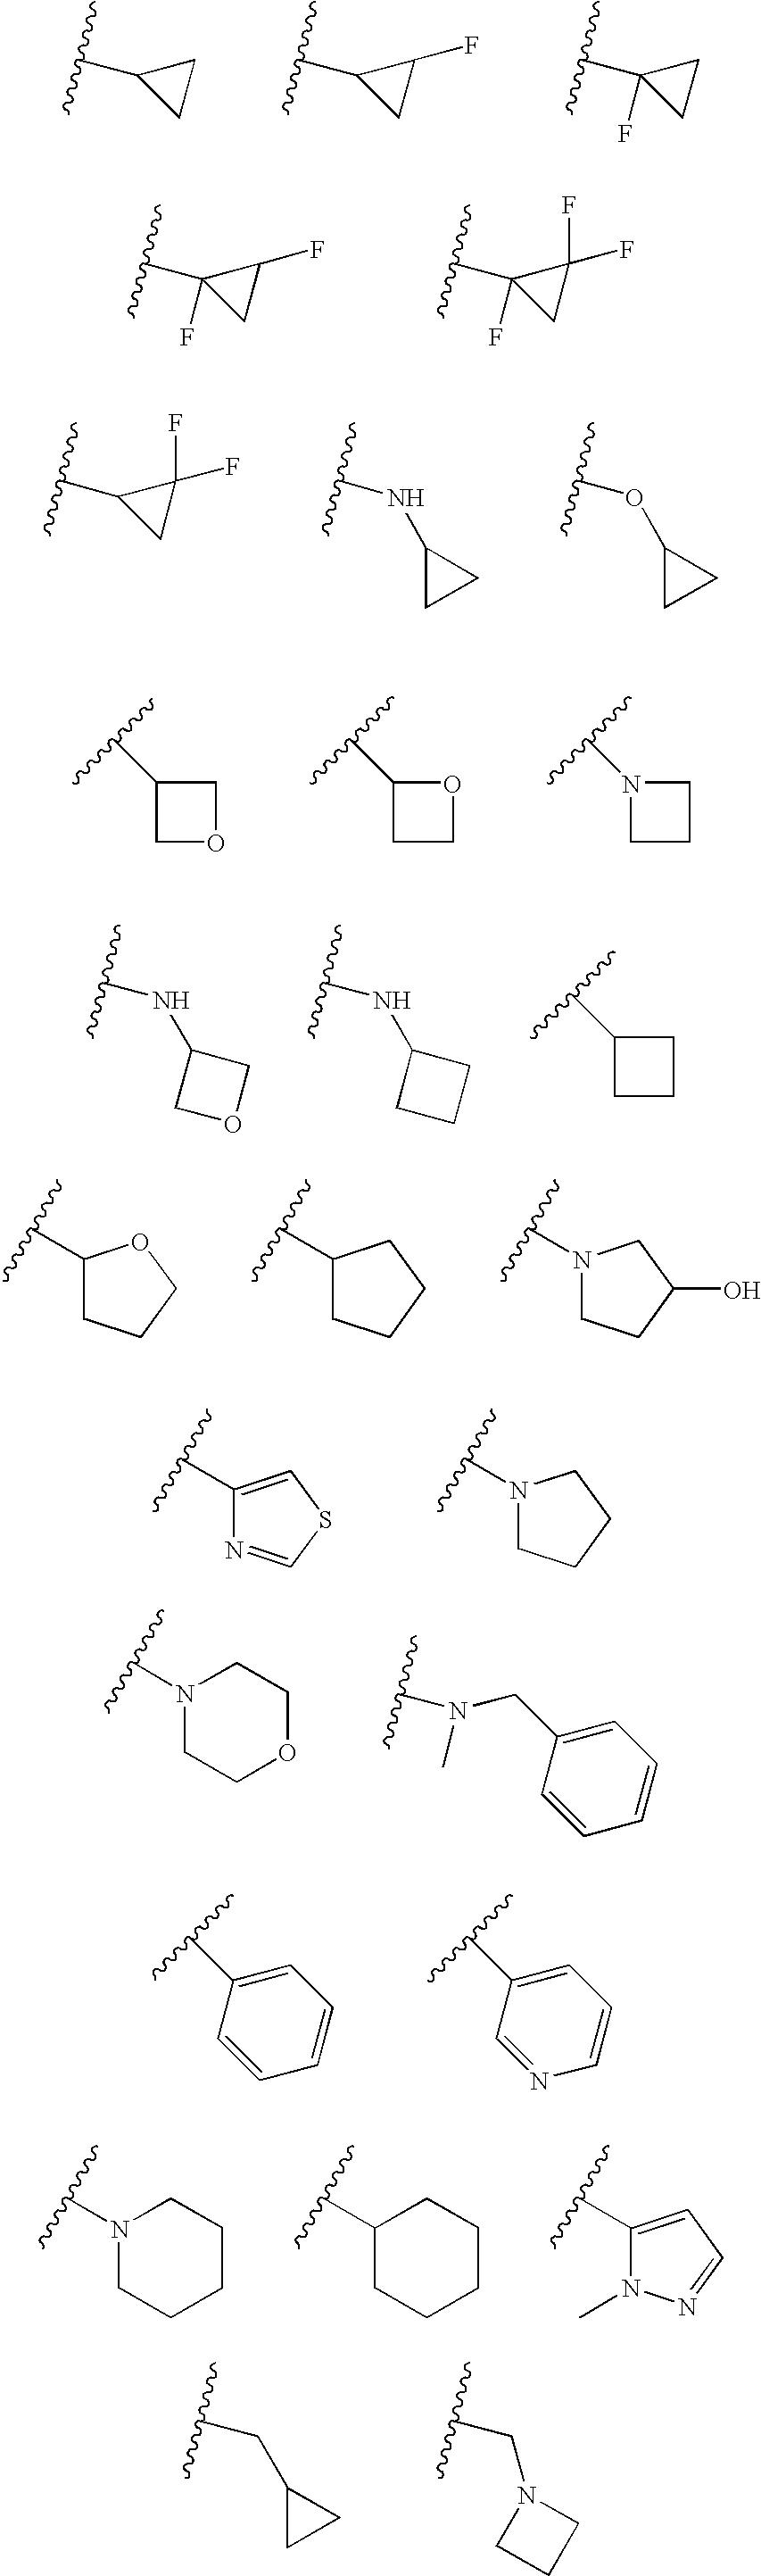 Figure US08173650-20120508-C00039